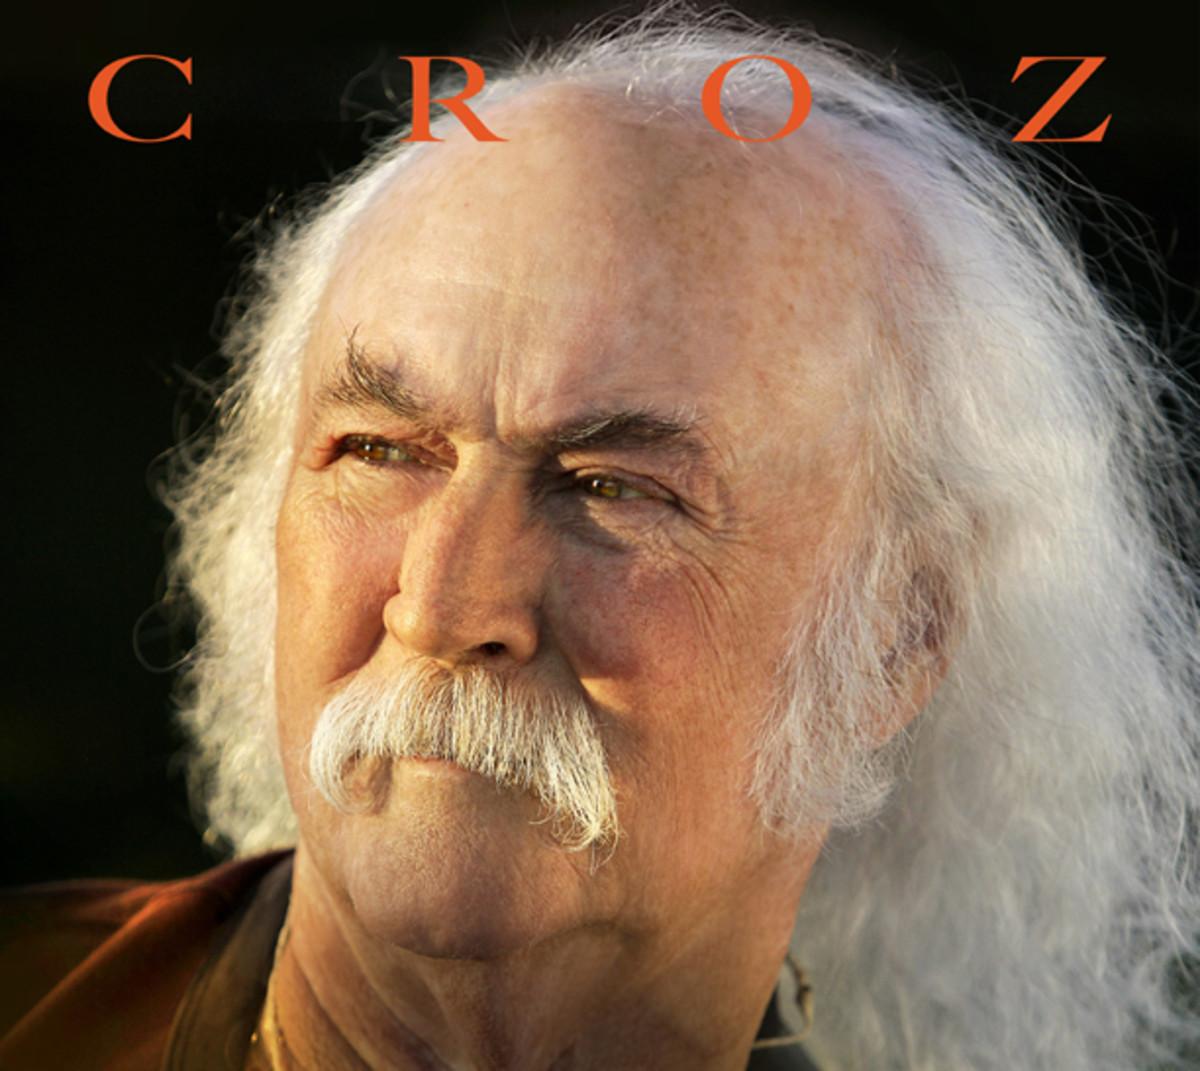 David Crosby Croz album